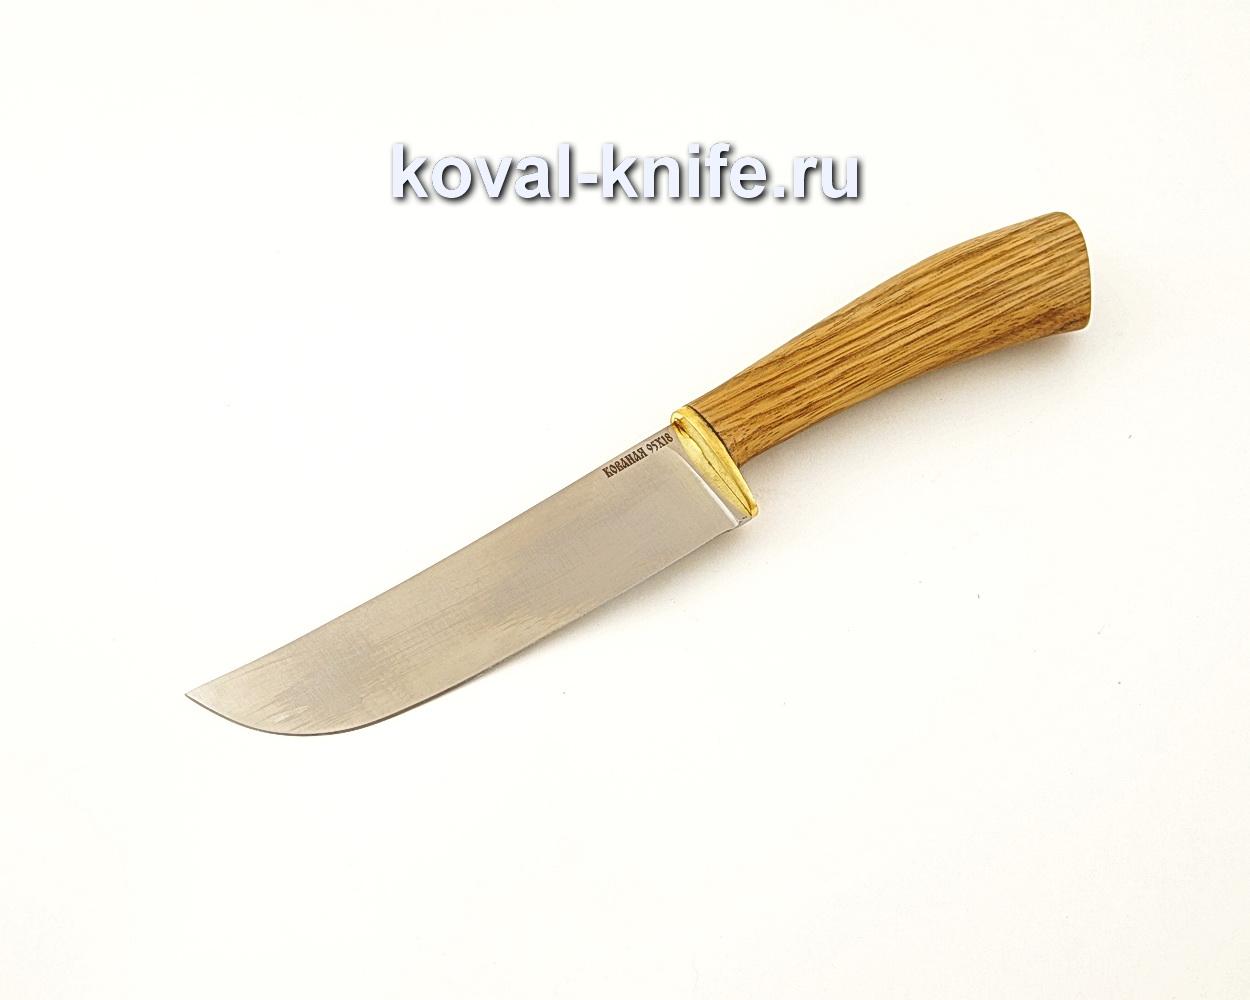 Нож Узбек — пчак из нержавеющей стали 95Х18 с рукоятью из зебрано  A638